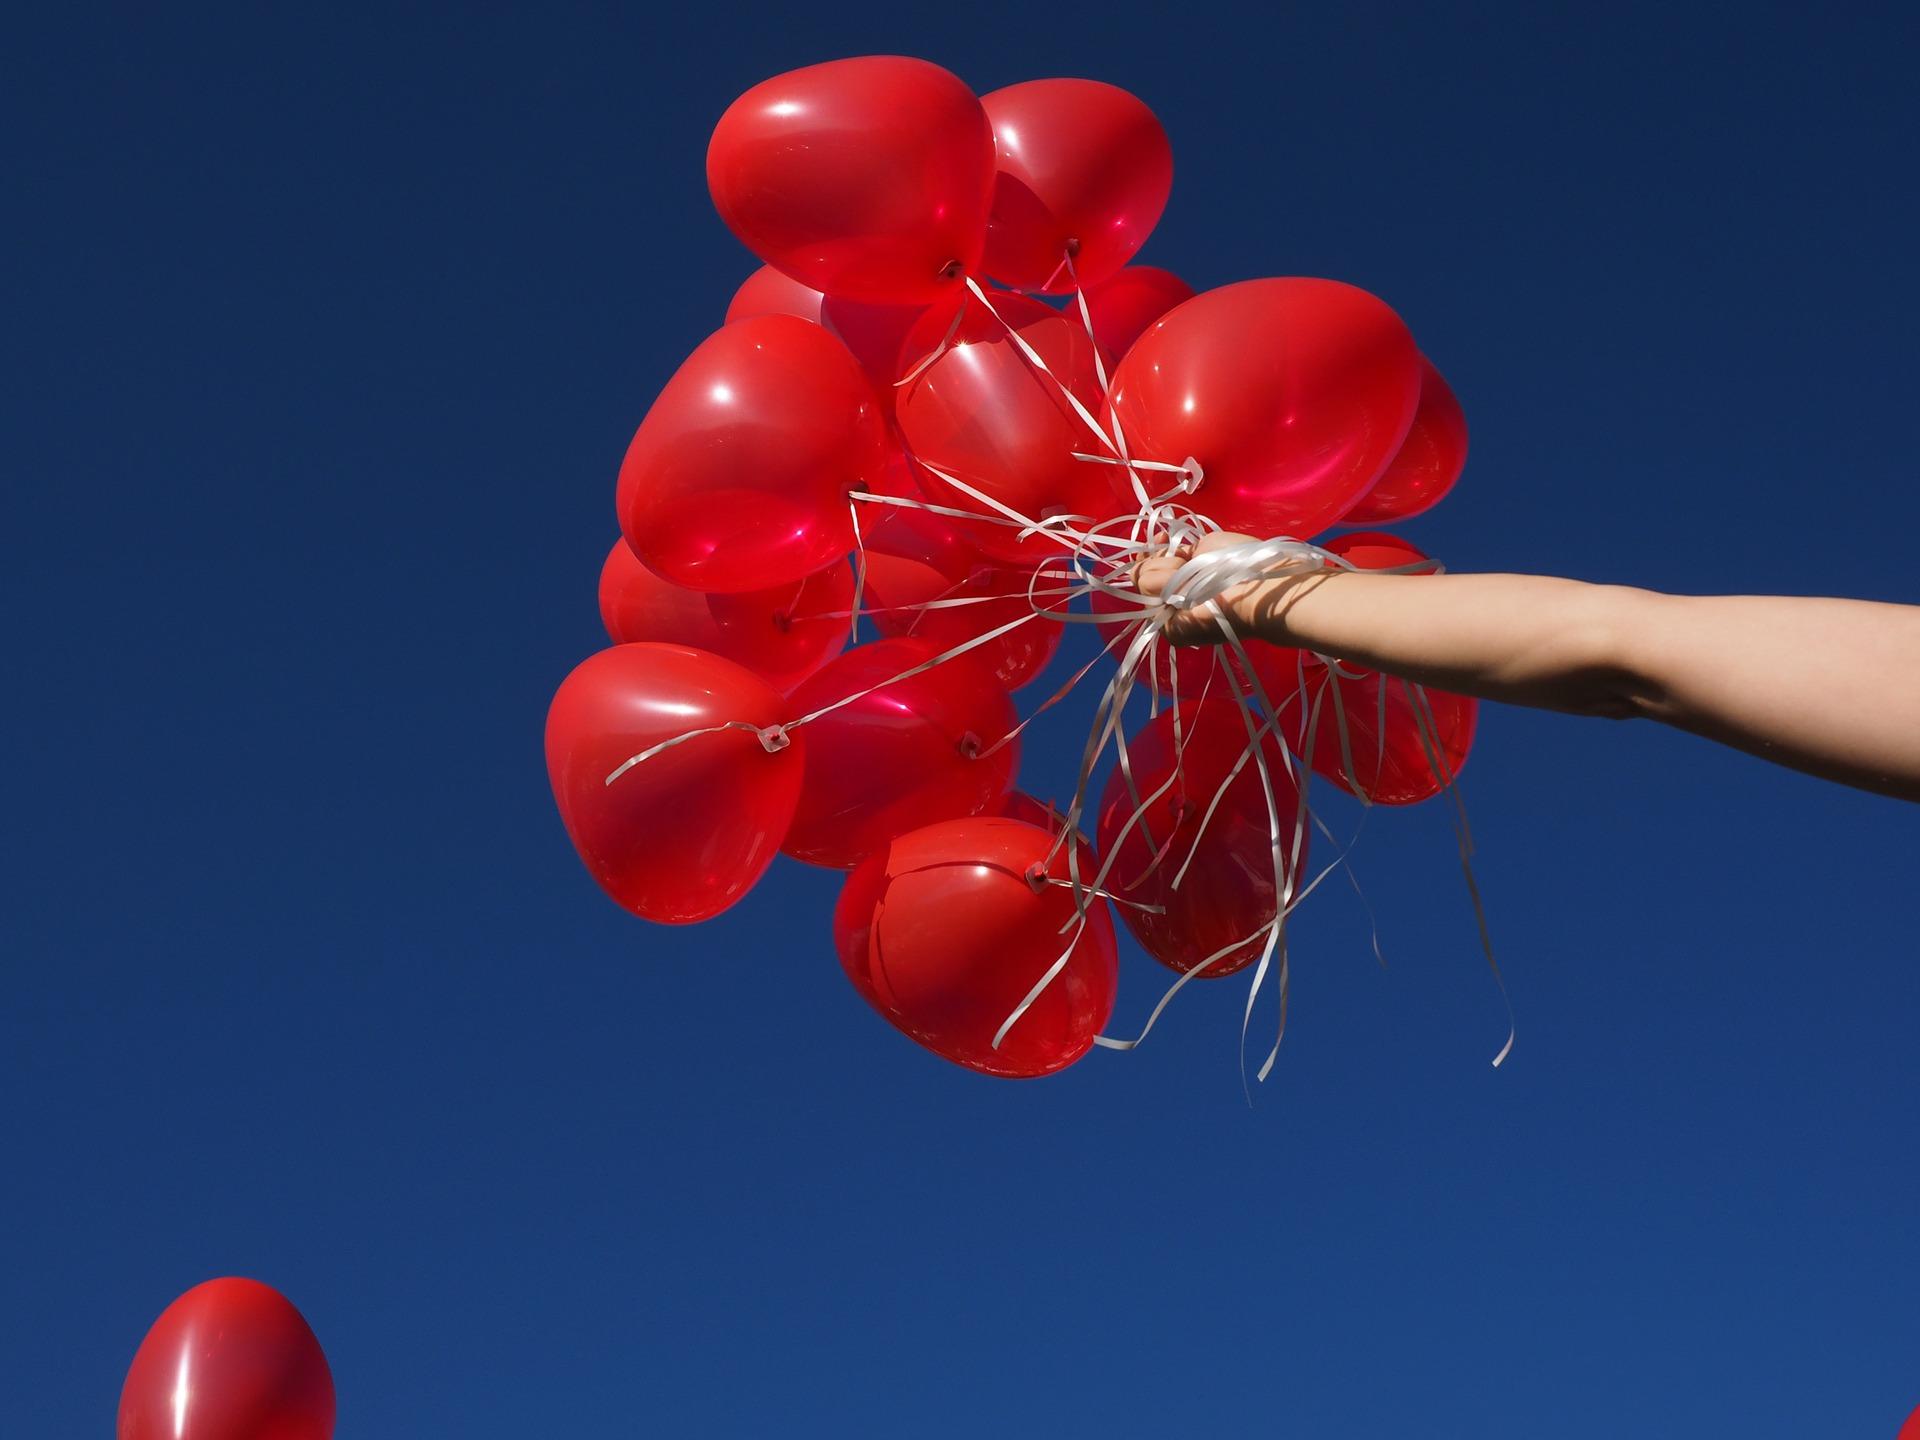 balloons-693741_1920